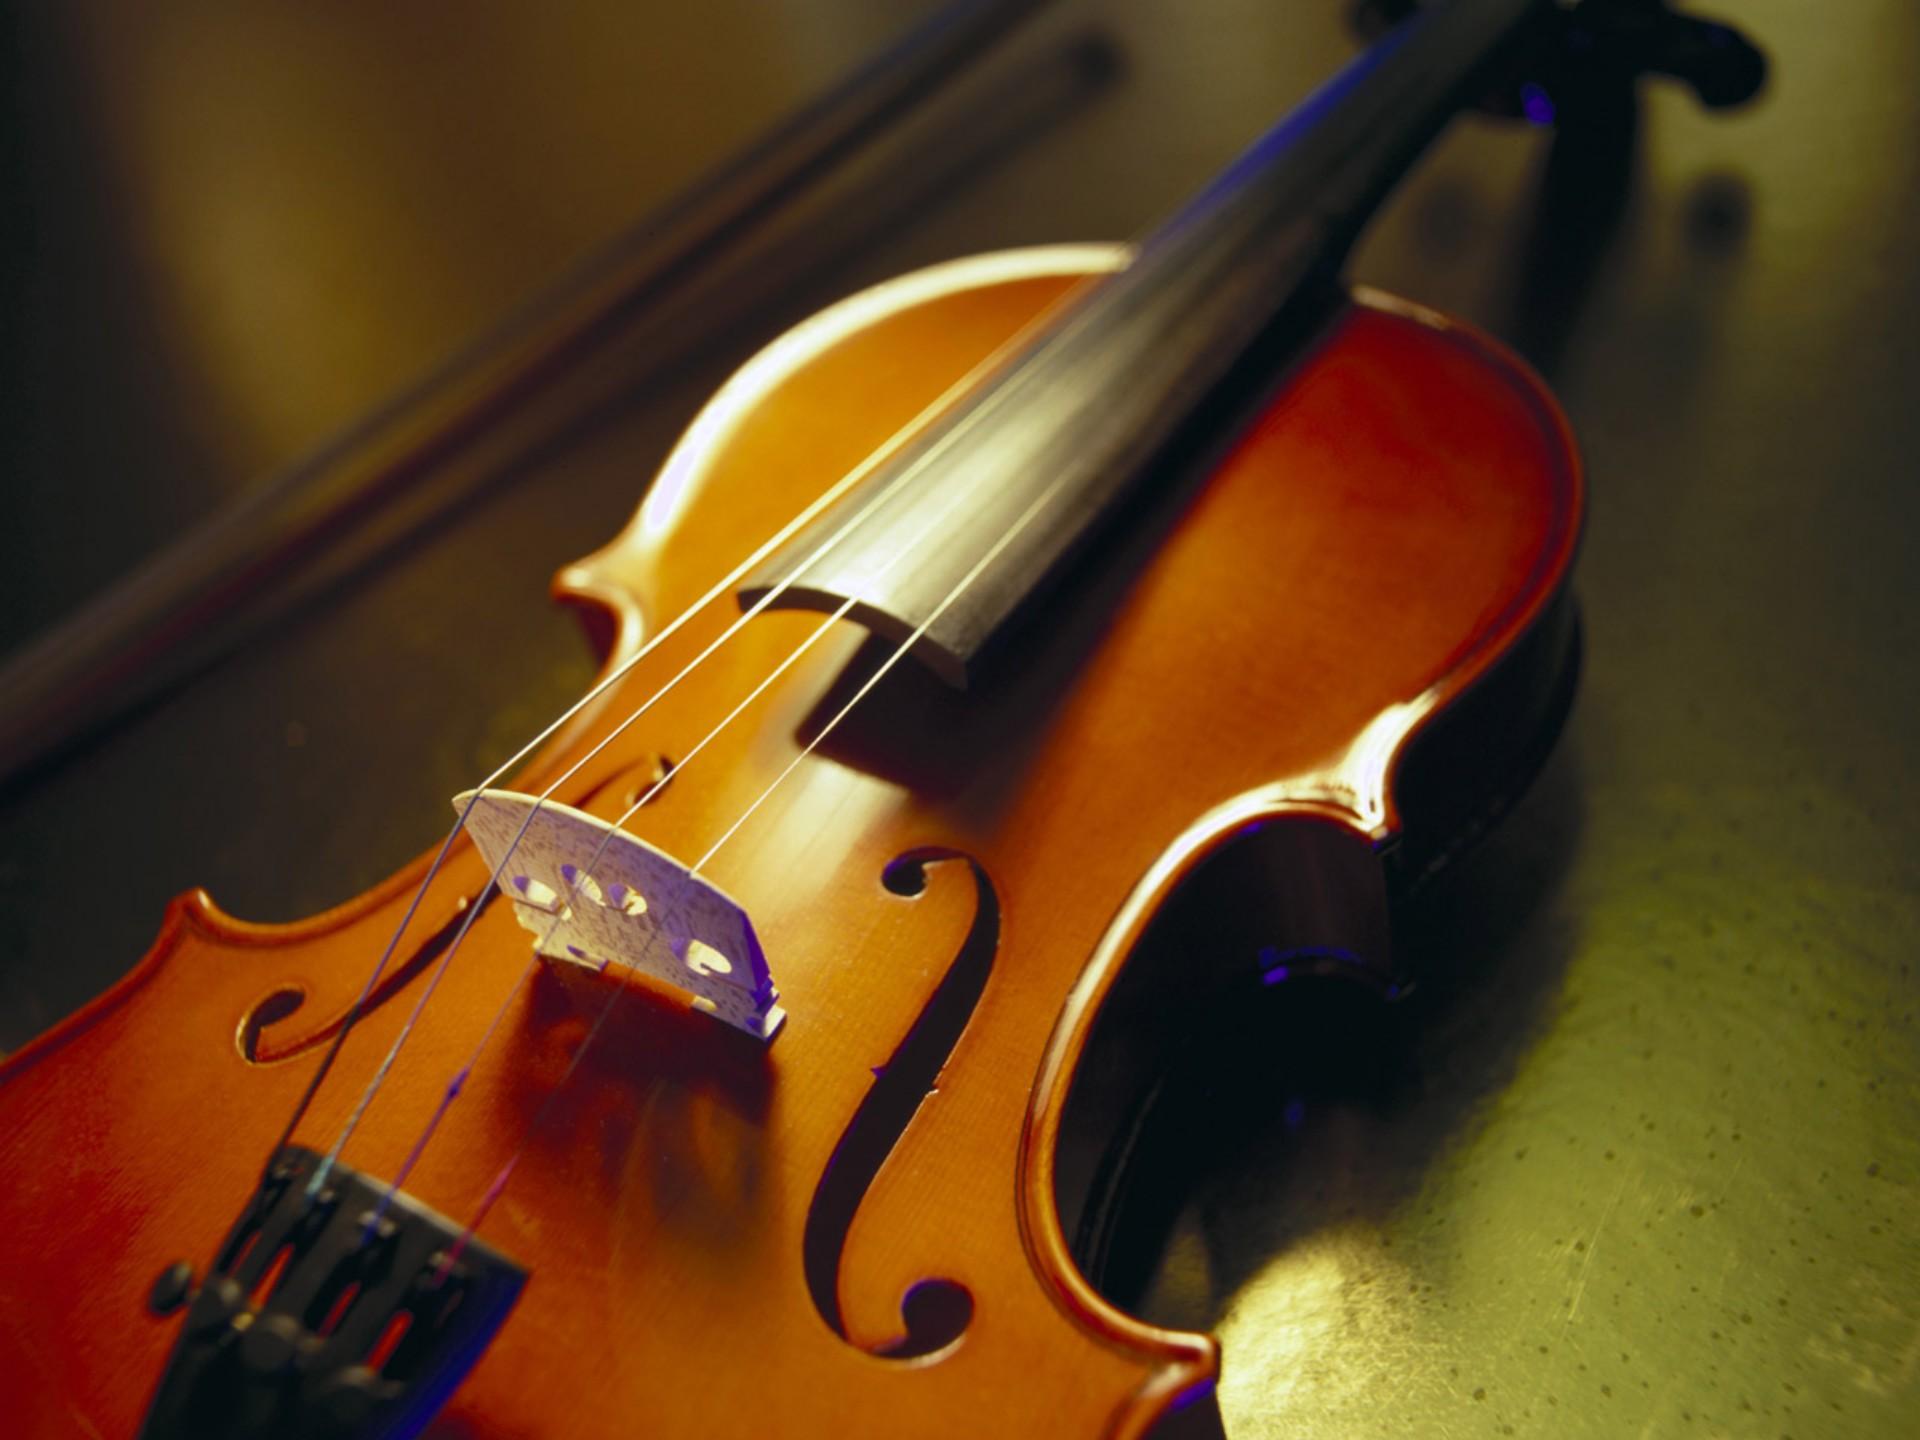 Фото: Скрипка и принципы ее звучания